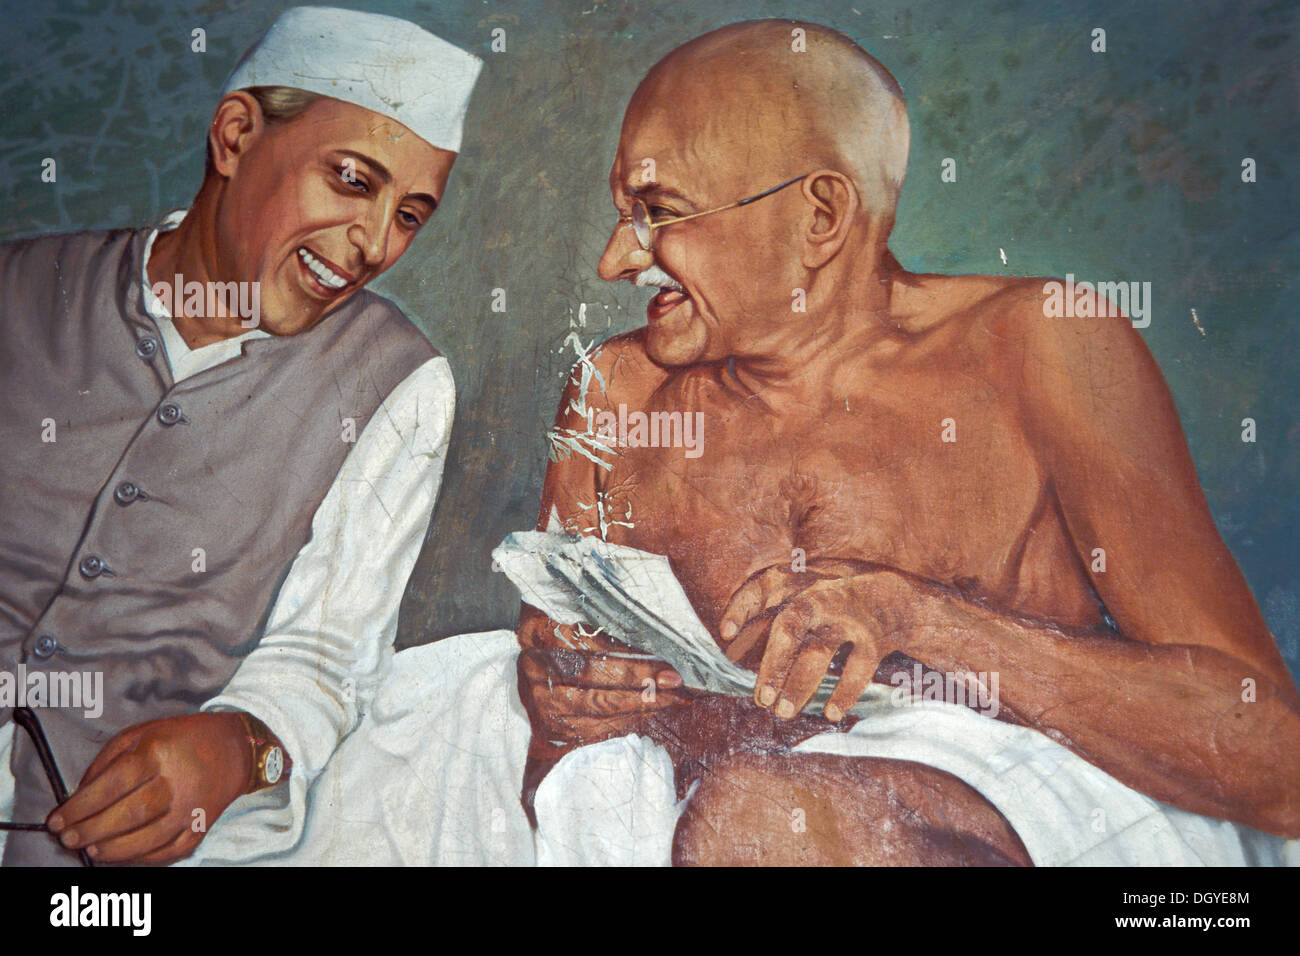 Image result for Pt. Jawharlal Nehru images